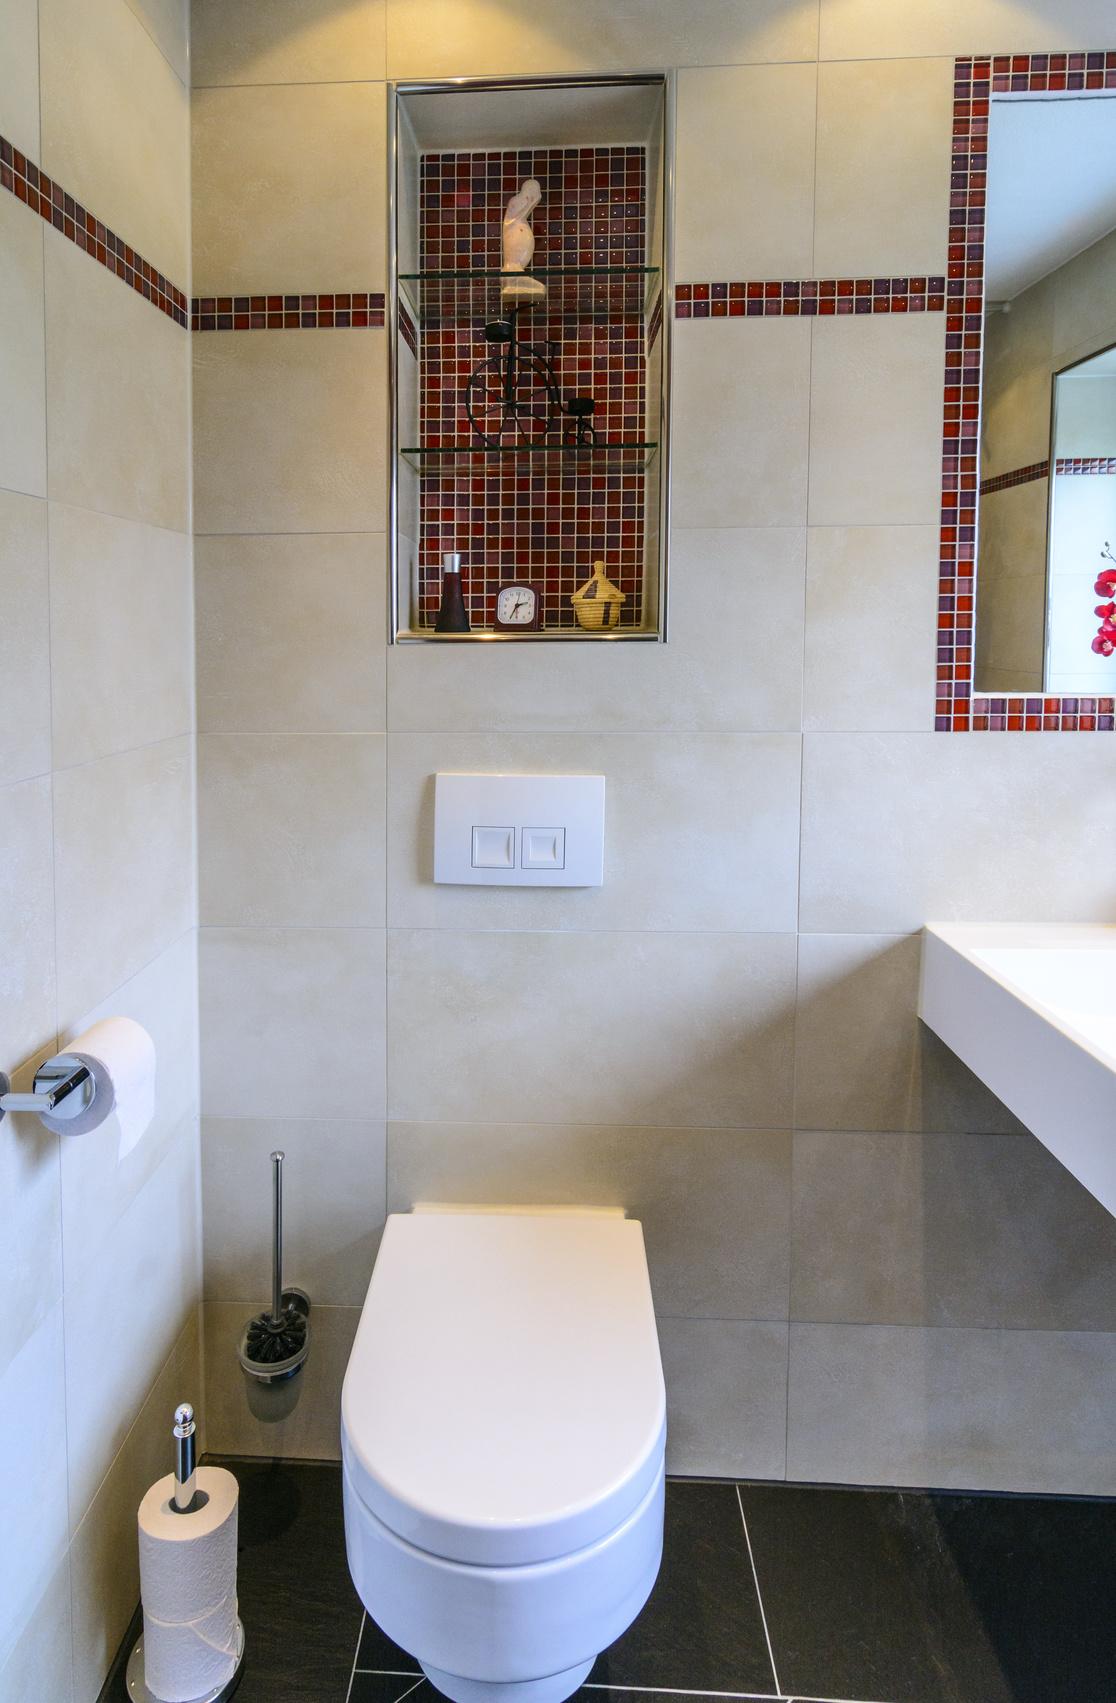 das wc wichtiges rund ums stille rtchen ralf kuhn sanit r gmbh. Black Bedroom Furniture Sets. Home Design Ideas